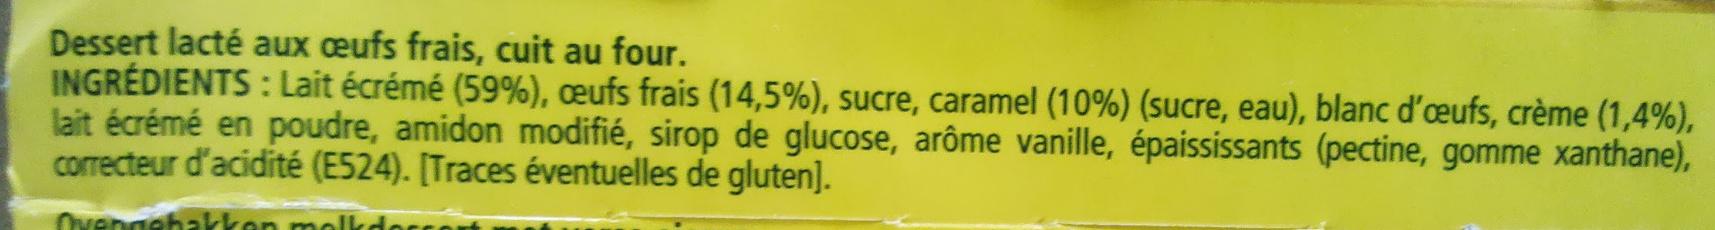 Crème Caramel, Cuite & Dorée au four (4 Pots) - Ingredients